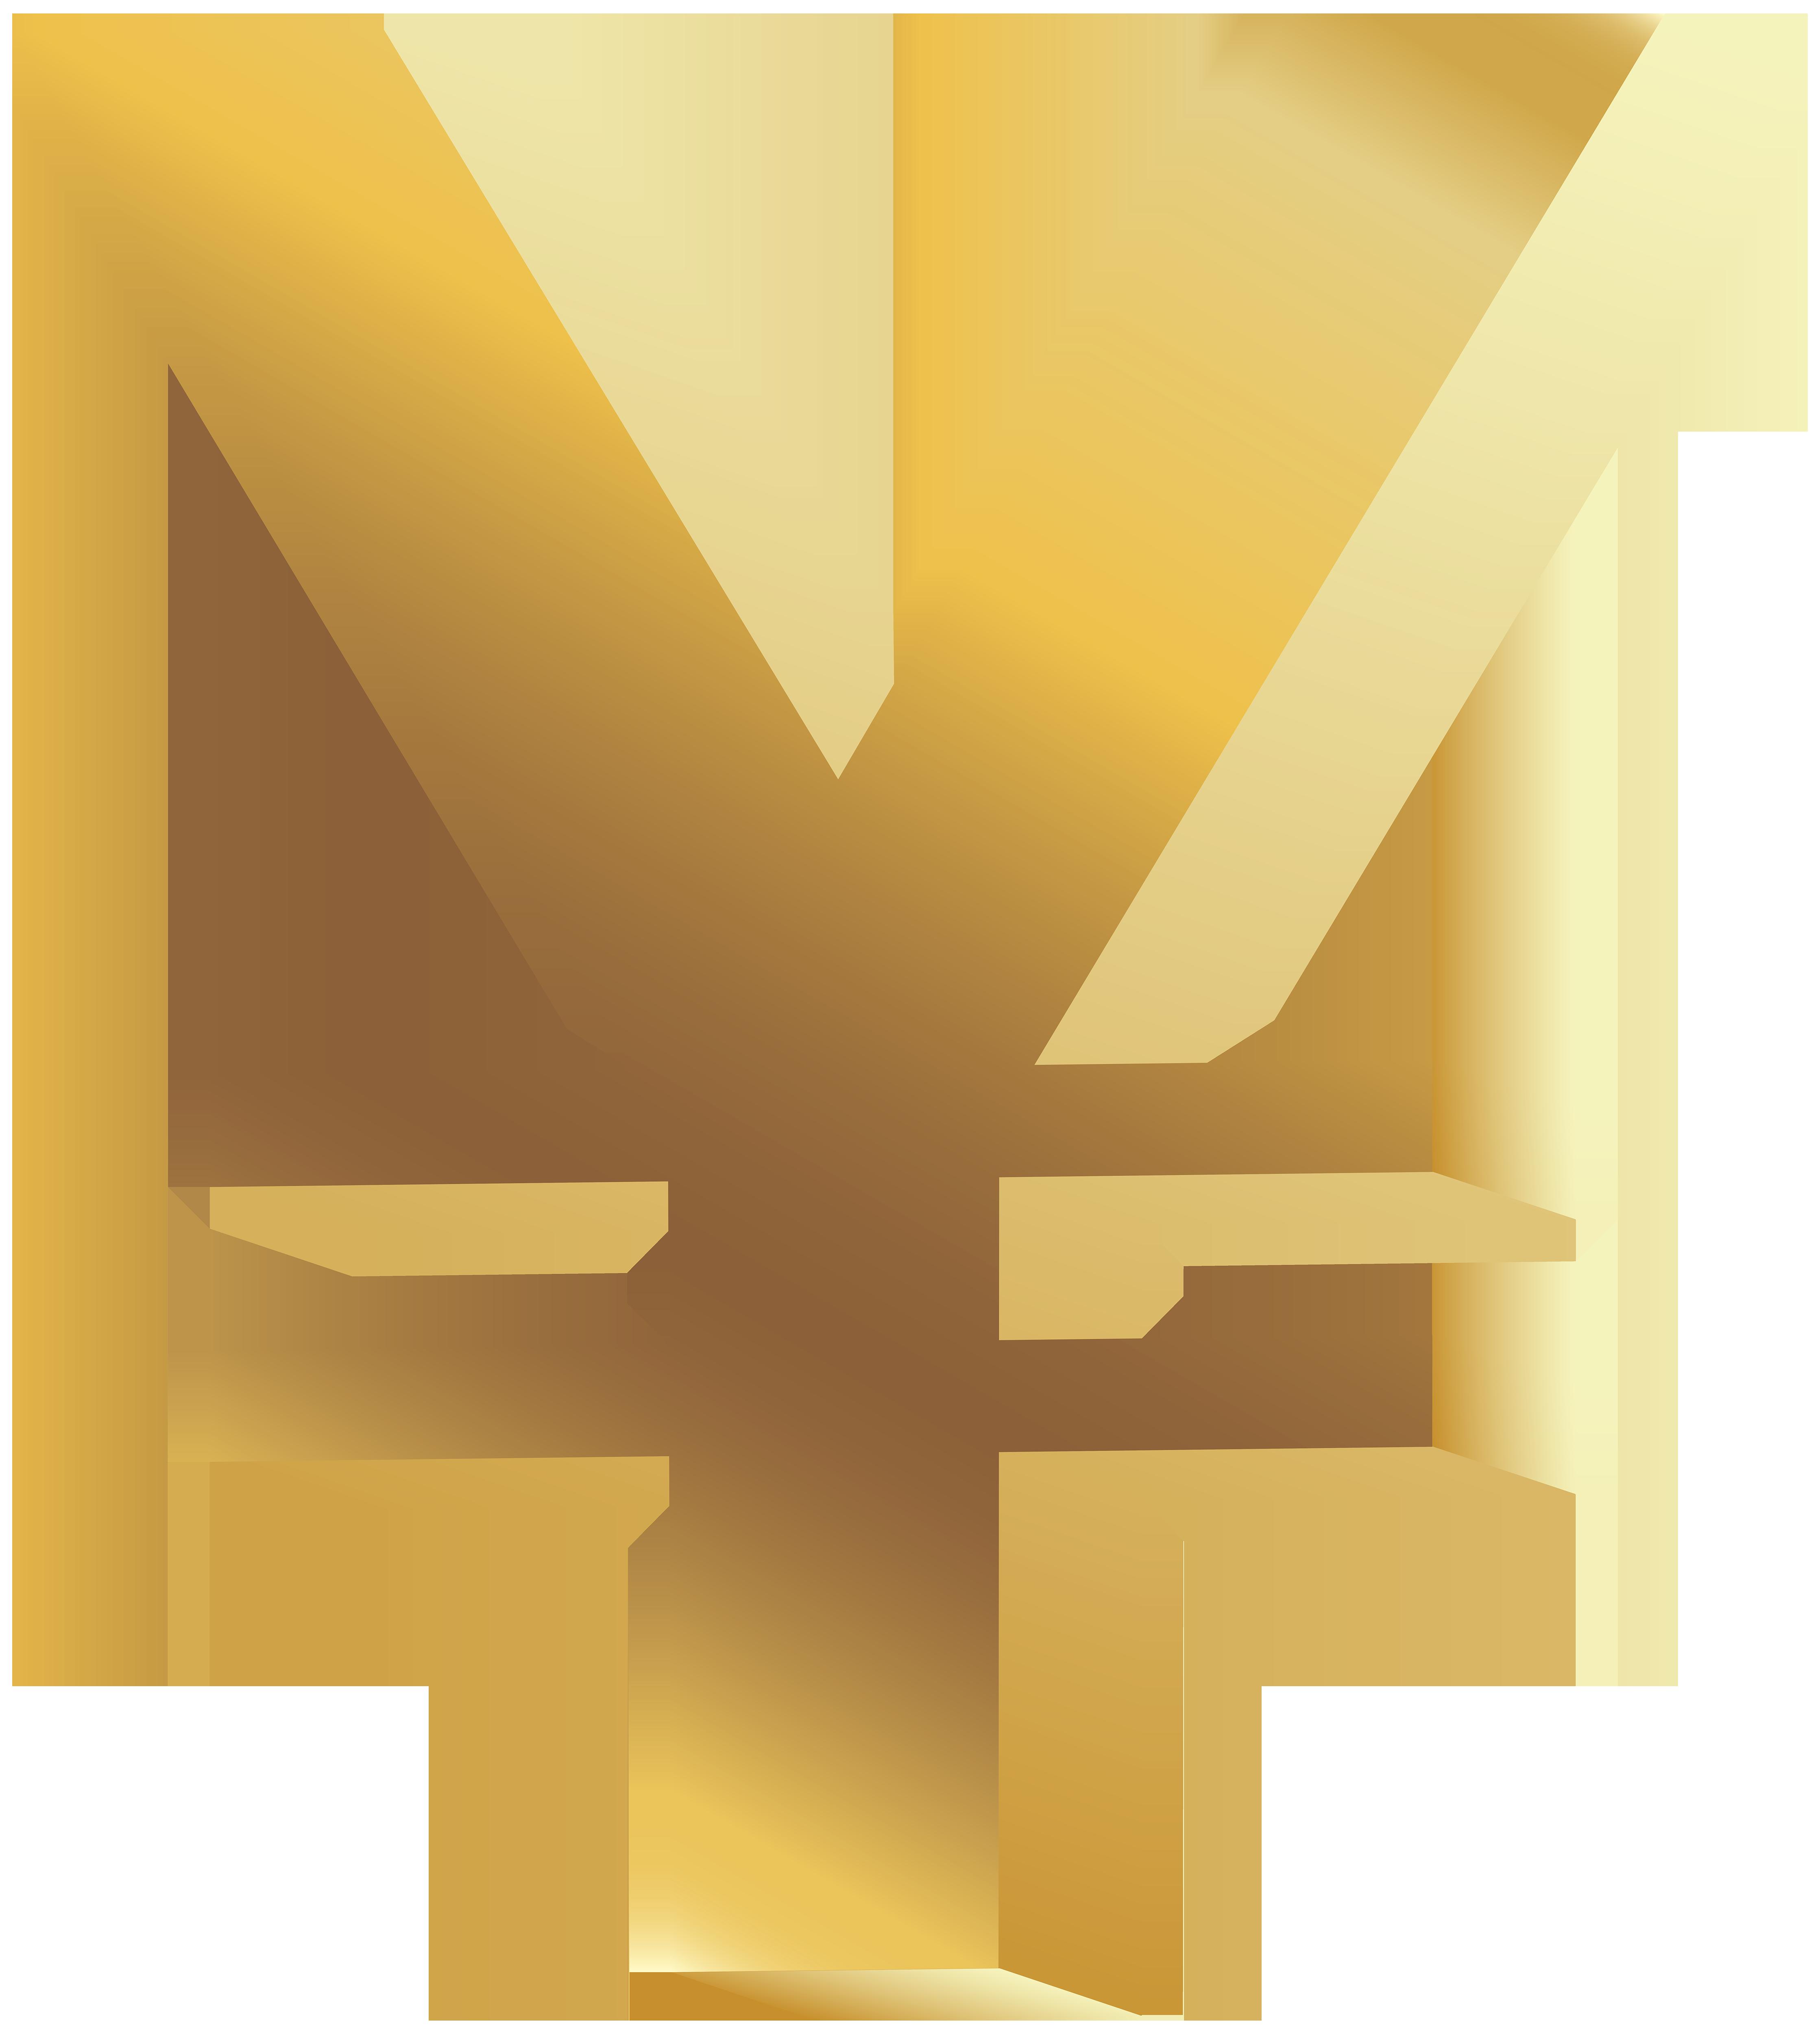 Hanukkah clipart coin. Yen symbol png clip